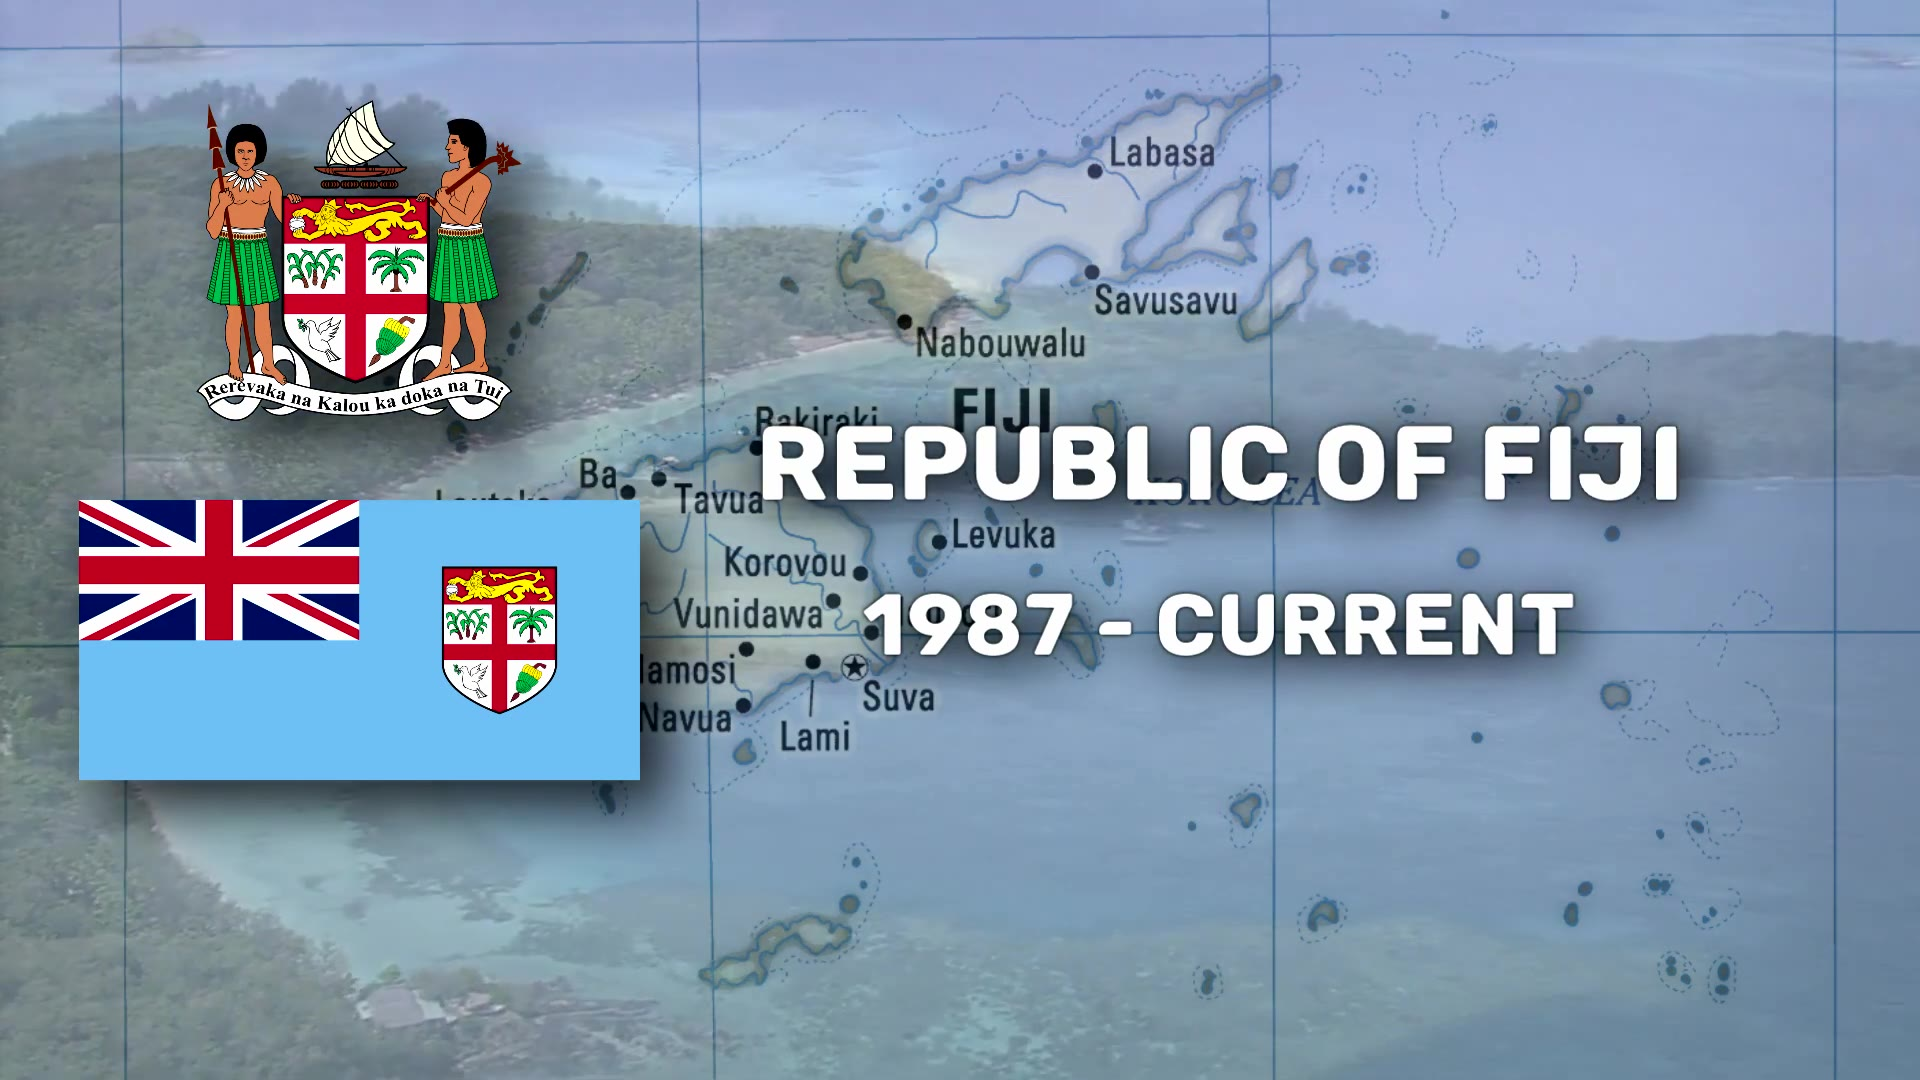 【国歌の历史】斐济